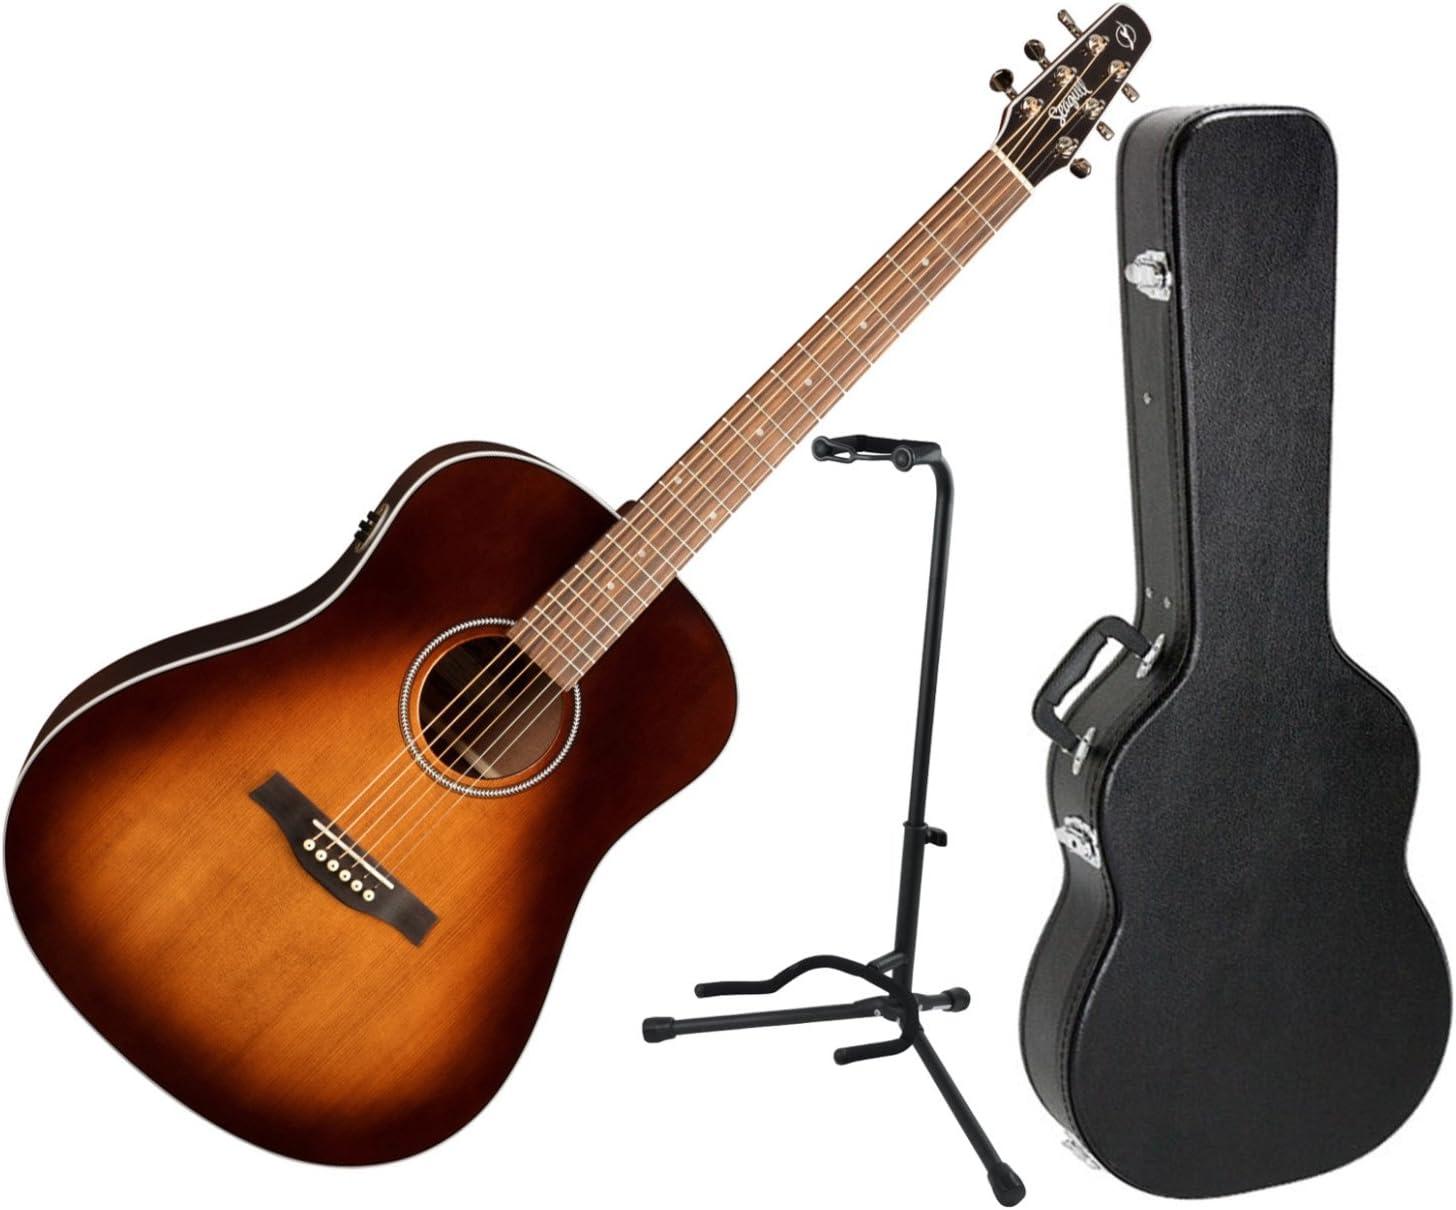 Seagull 041817 Maritime SWS - Guitarra eléctrica acústica (madera de caoba, con estuche rígido y soporte): Amazon.es: Instrumentos musicales